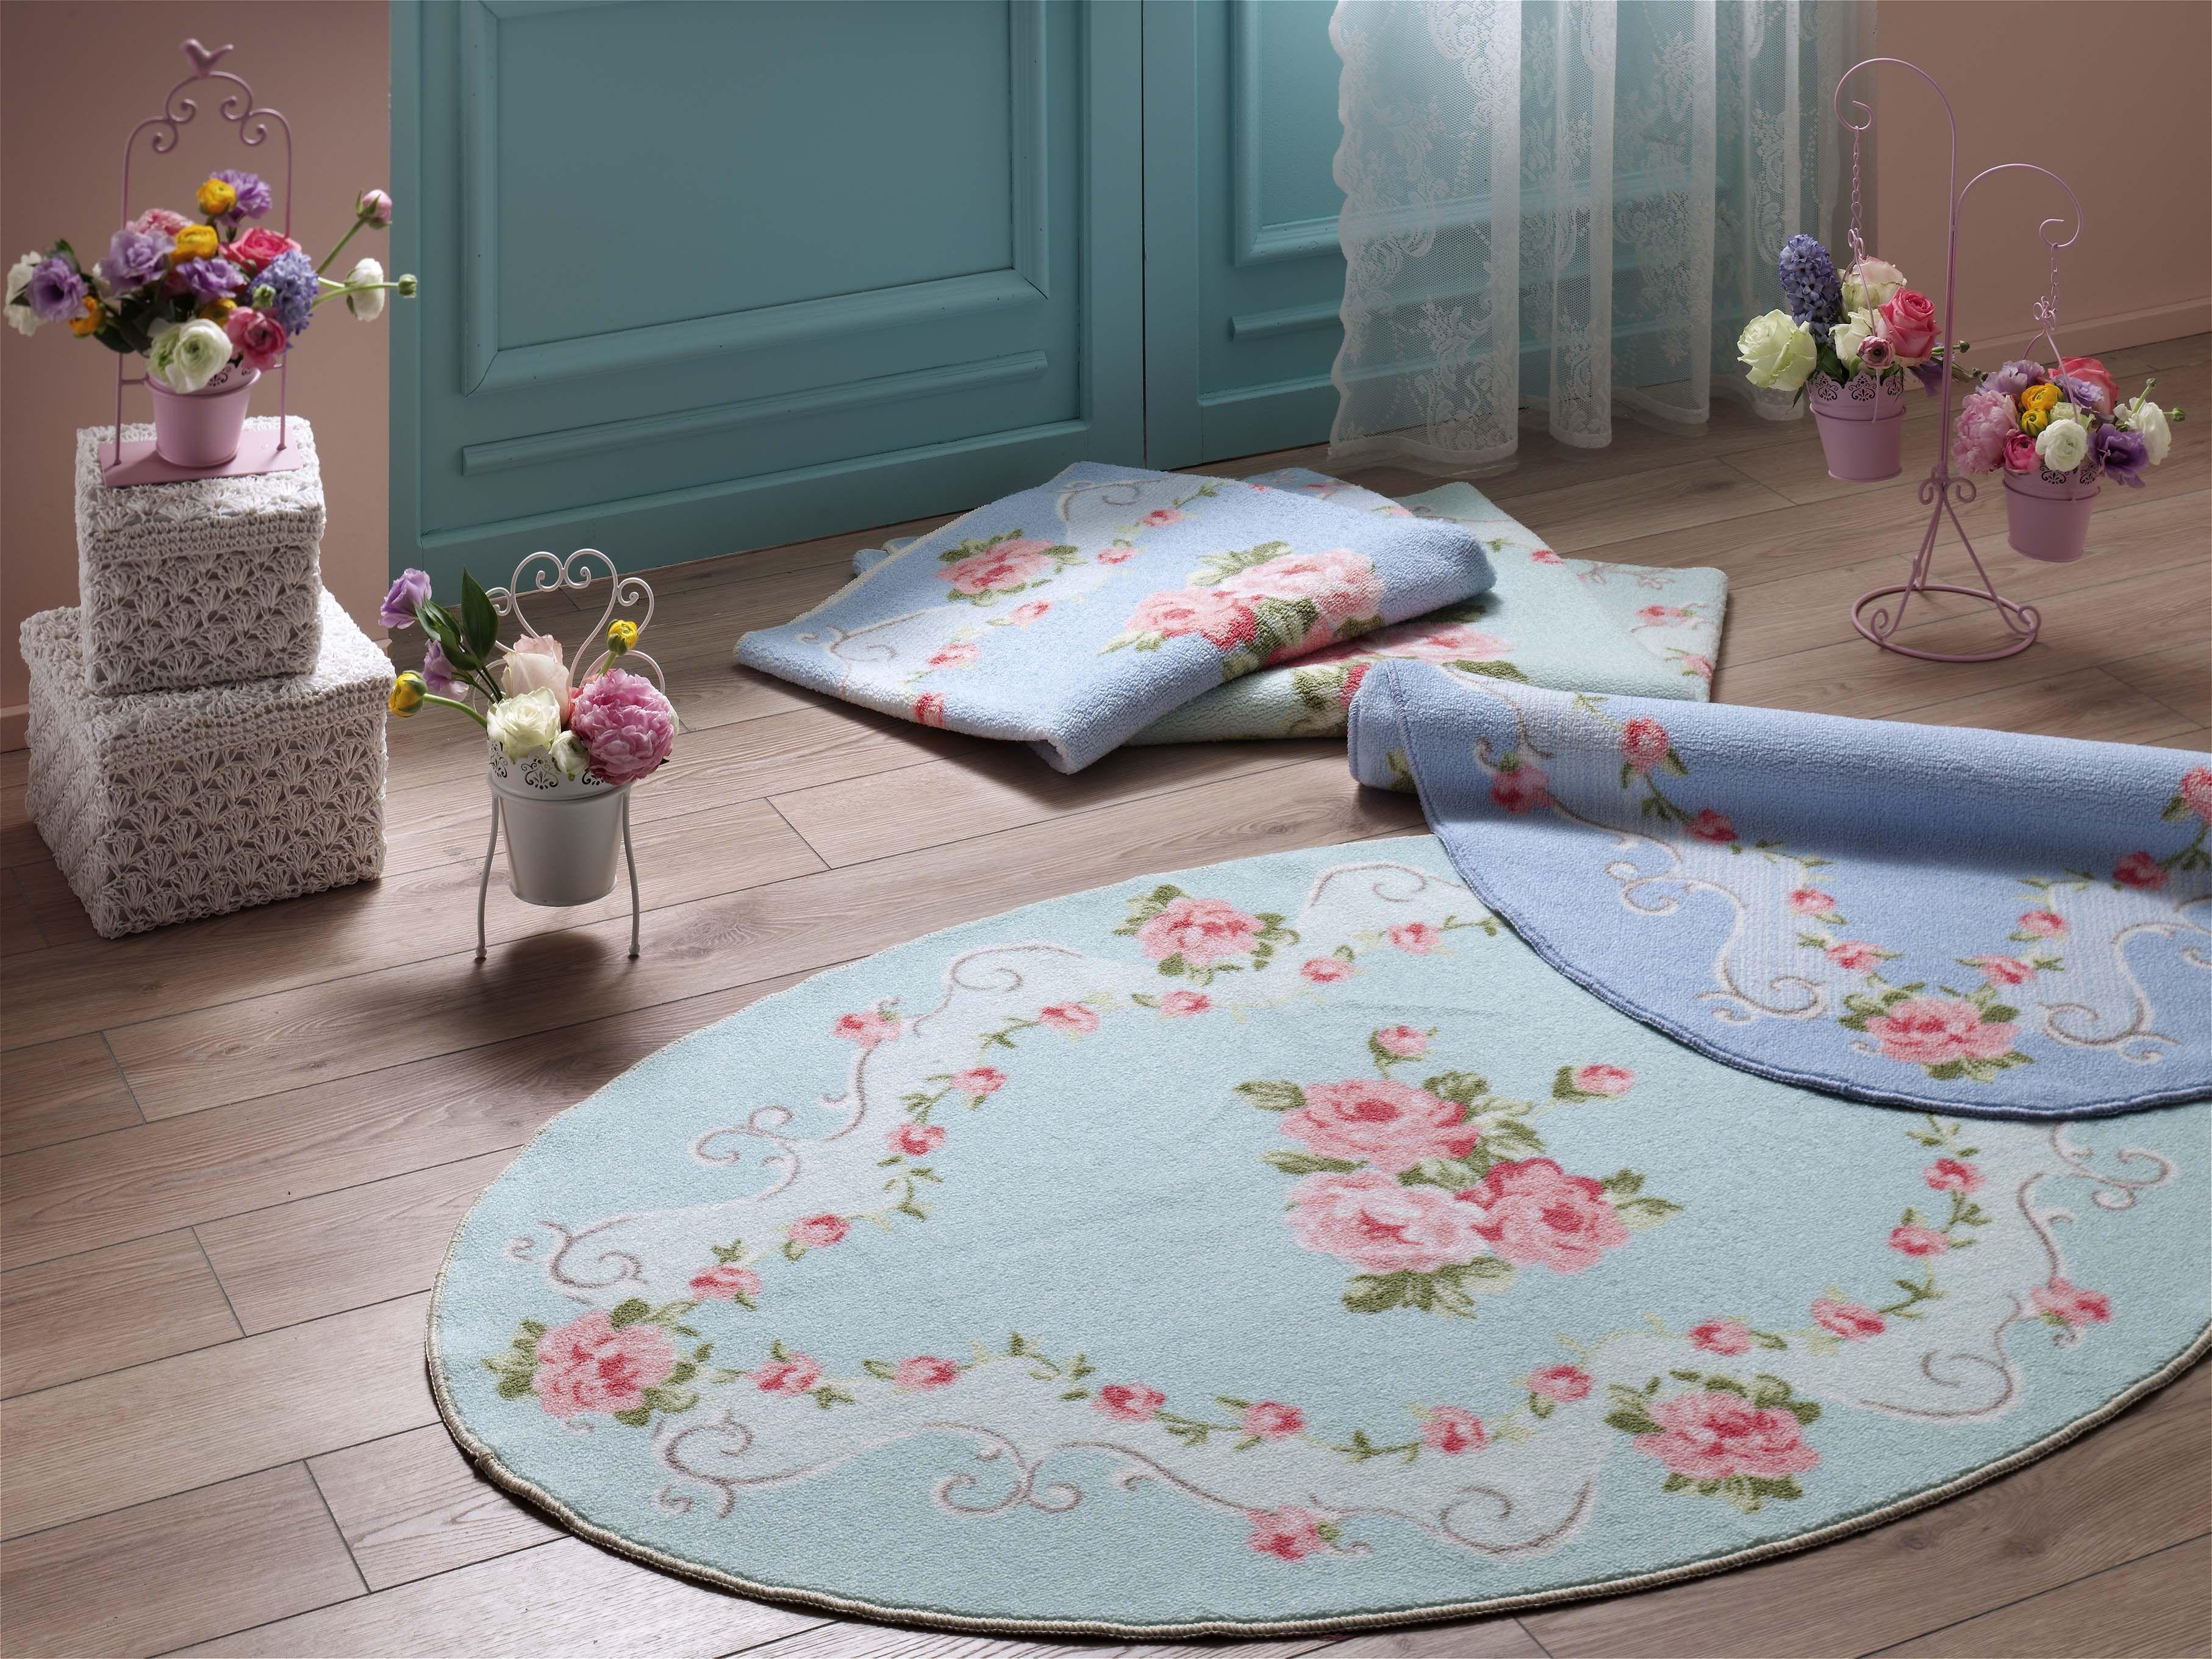 English Home Carpet & Rug I Halı Kilim Dekor Dekorasyon